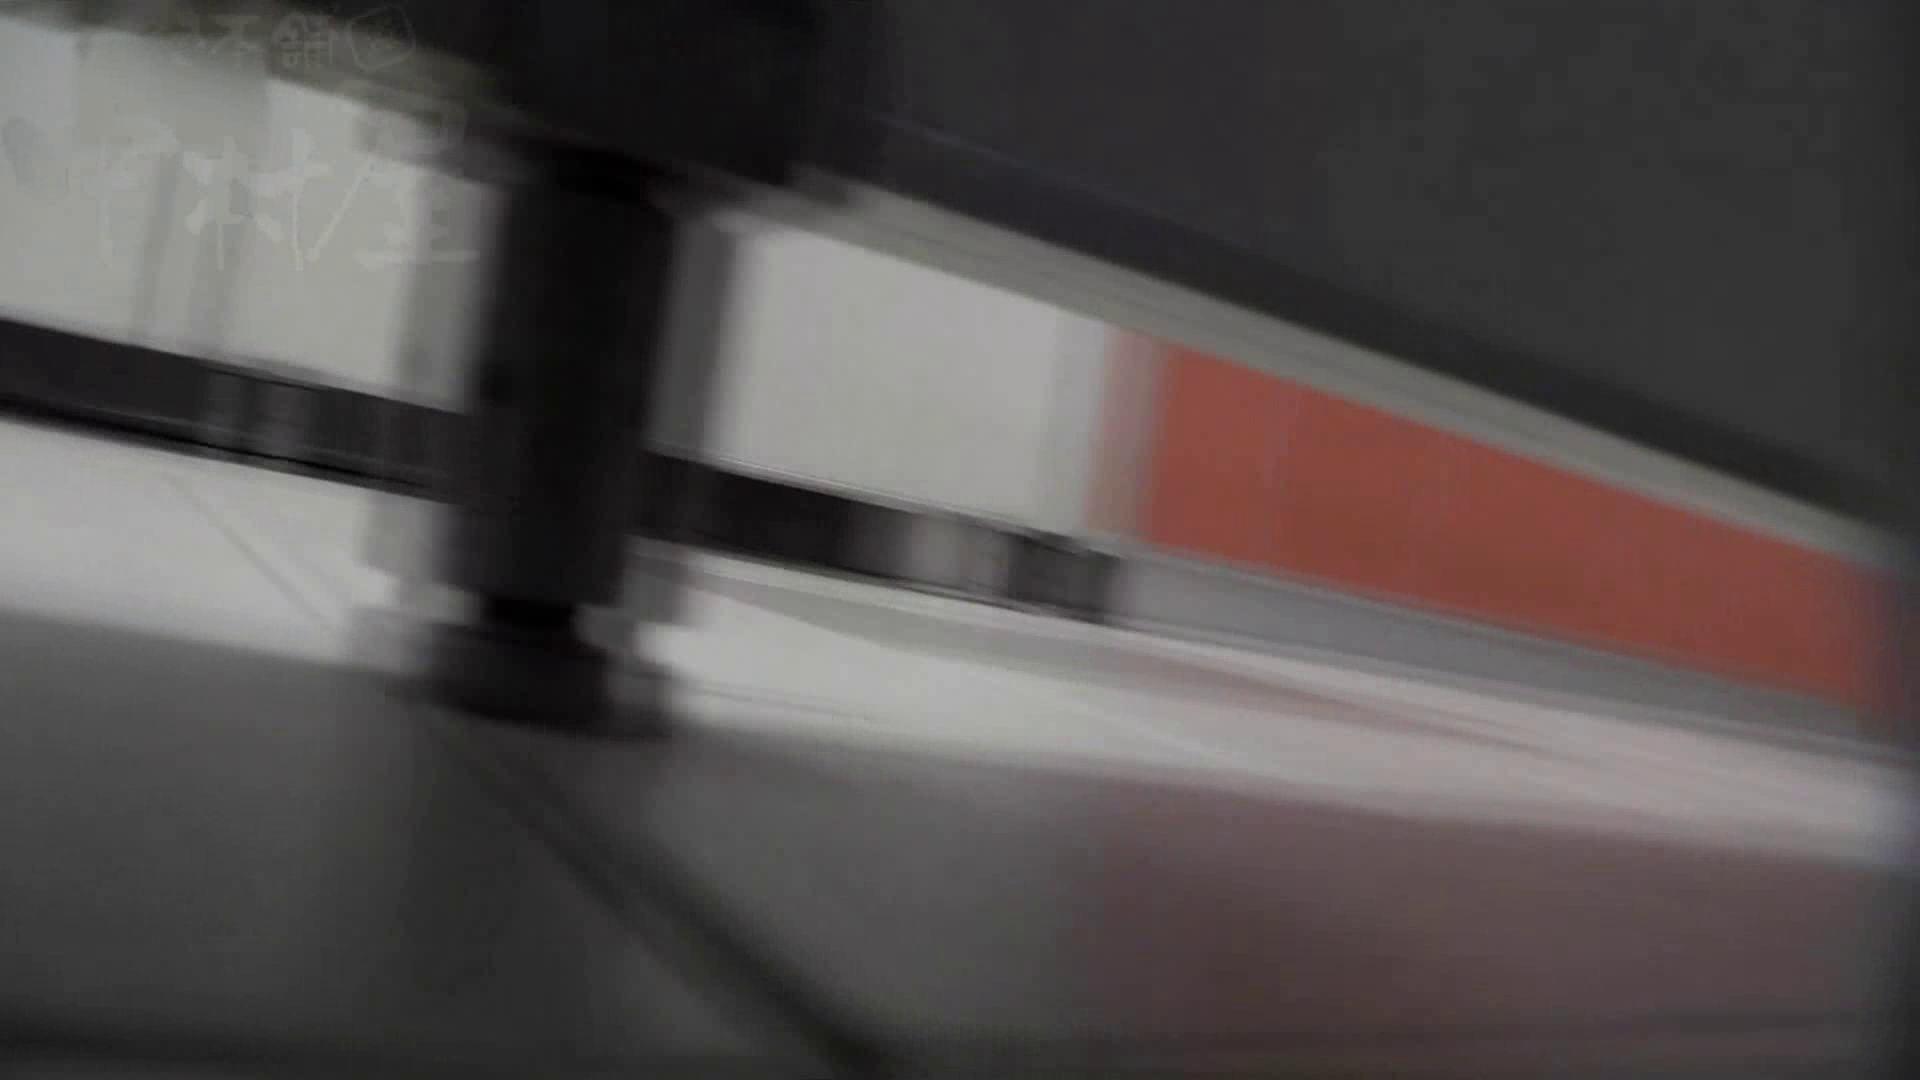 美しい日本の未来 No.06 更に侵入フロント究極な画質 お尻 性交動画流出 104枚 39